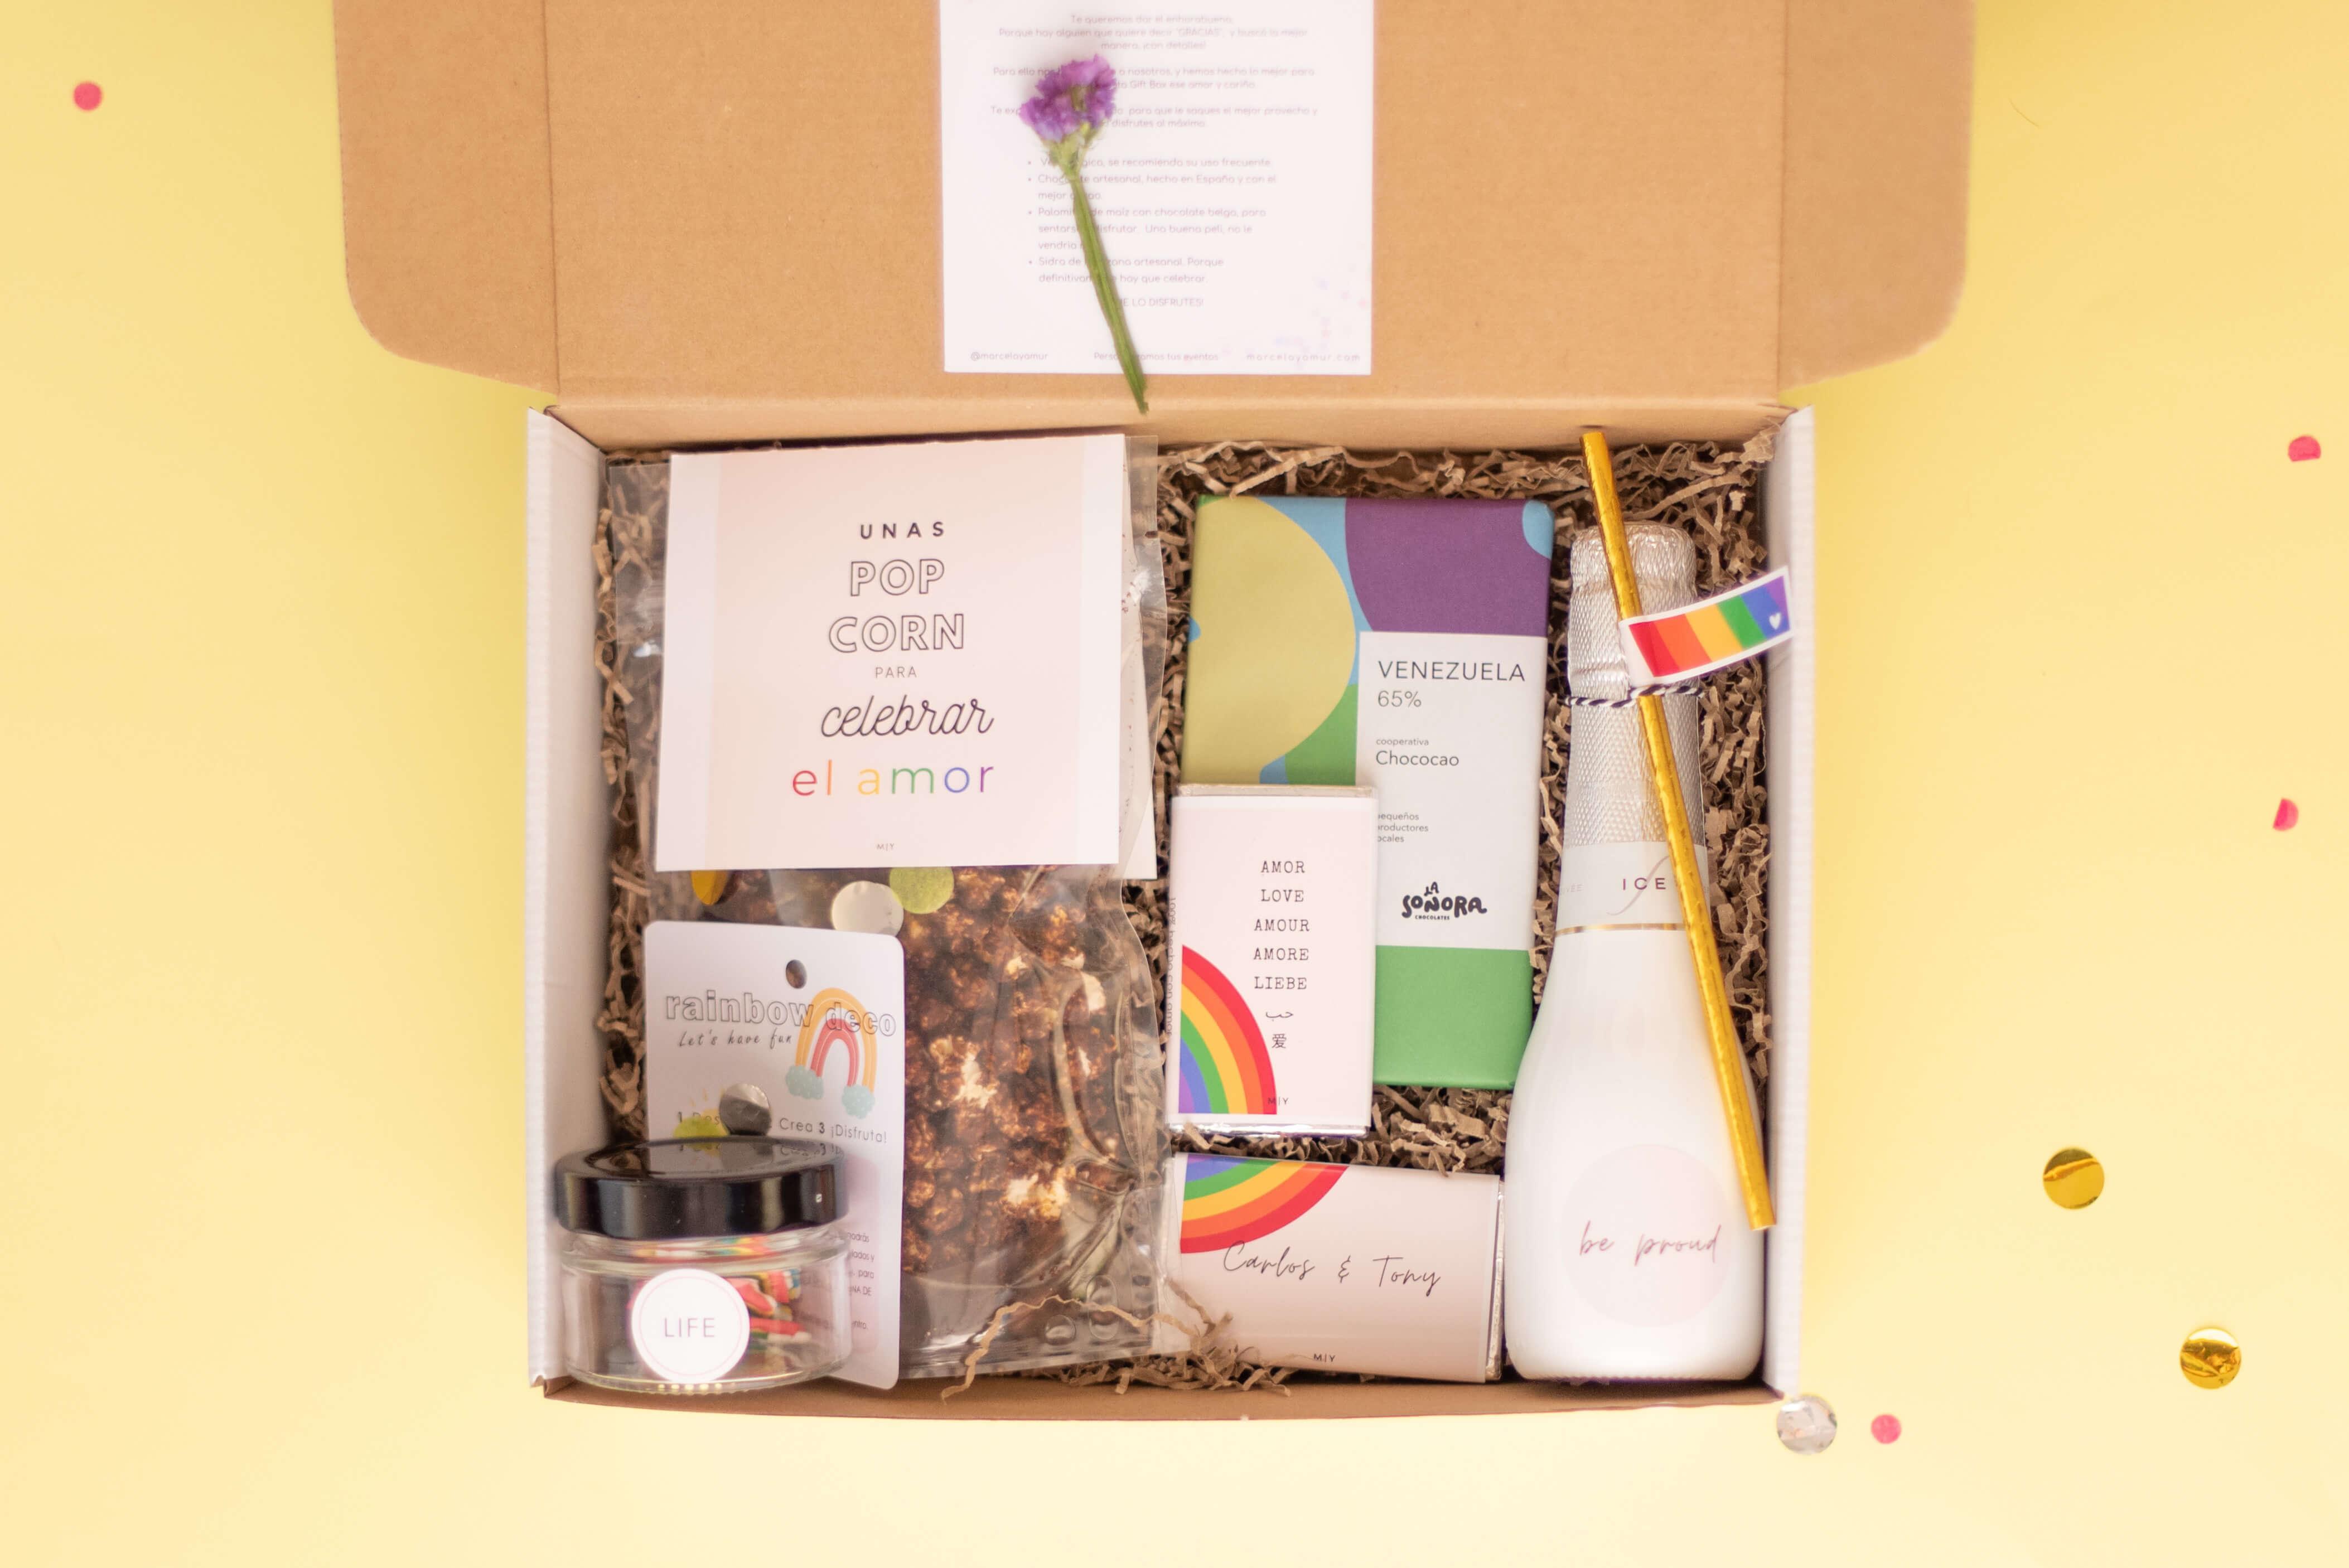 caja postal con artículos de Marcela Yamur